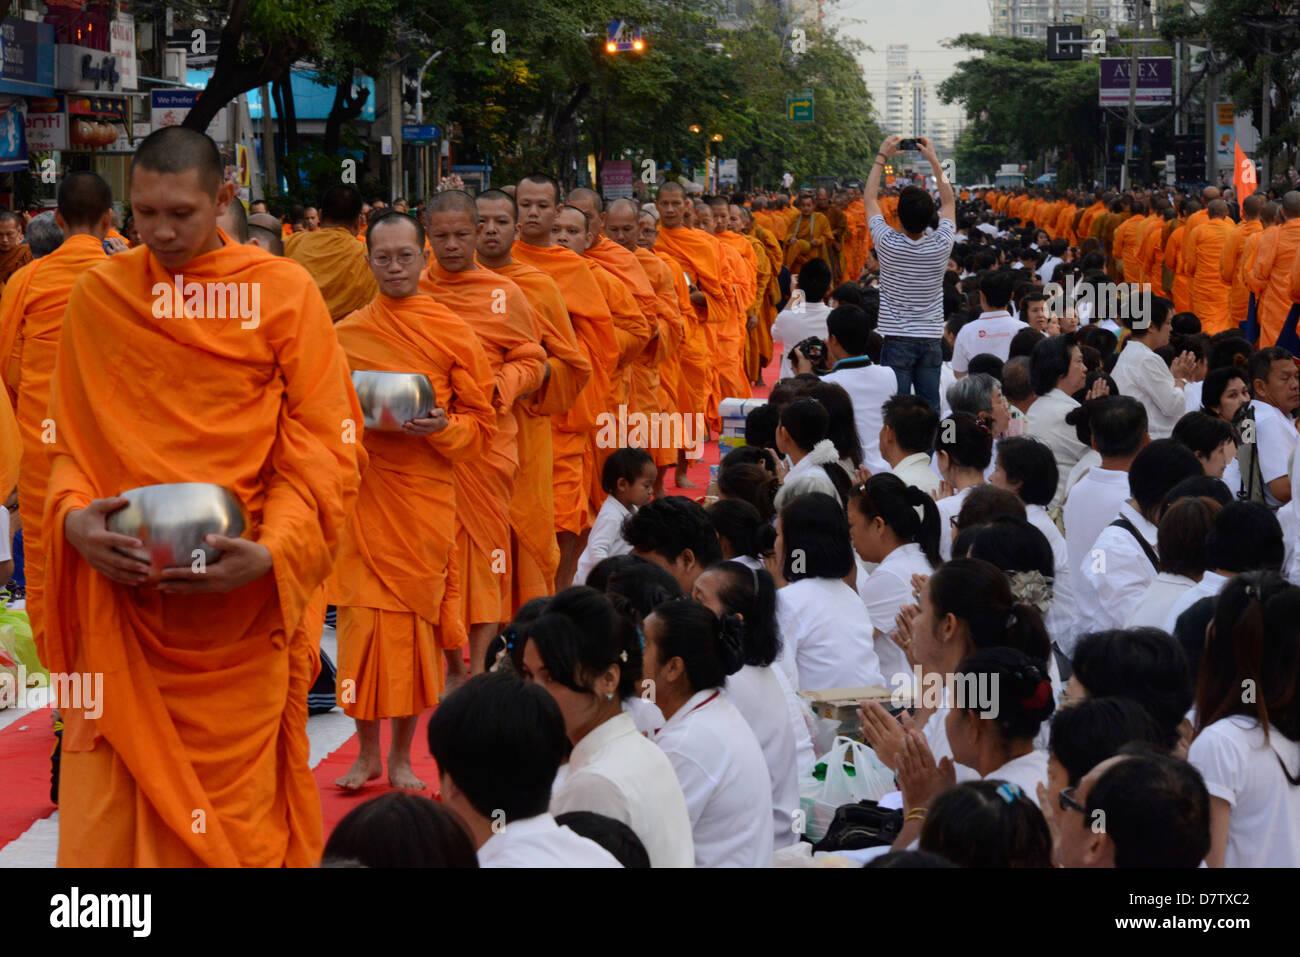 2555, los monjes se reúnen en la calle Sukhumvit Soi 55, para marcar el final de año budista 2555, Bangkok, Imagen De Stock